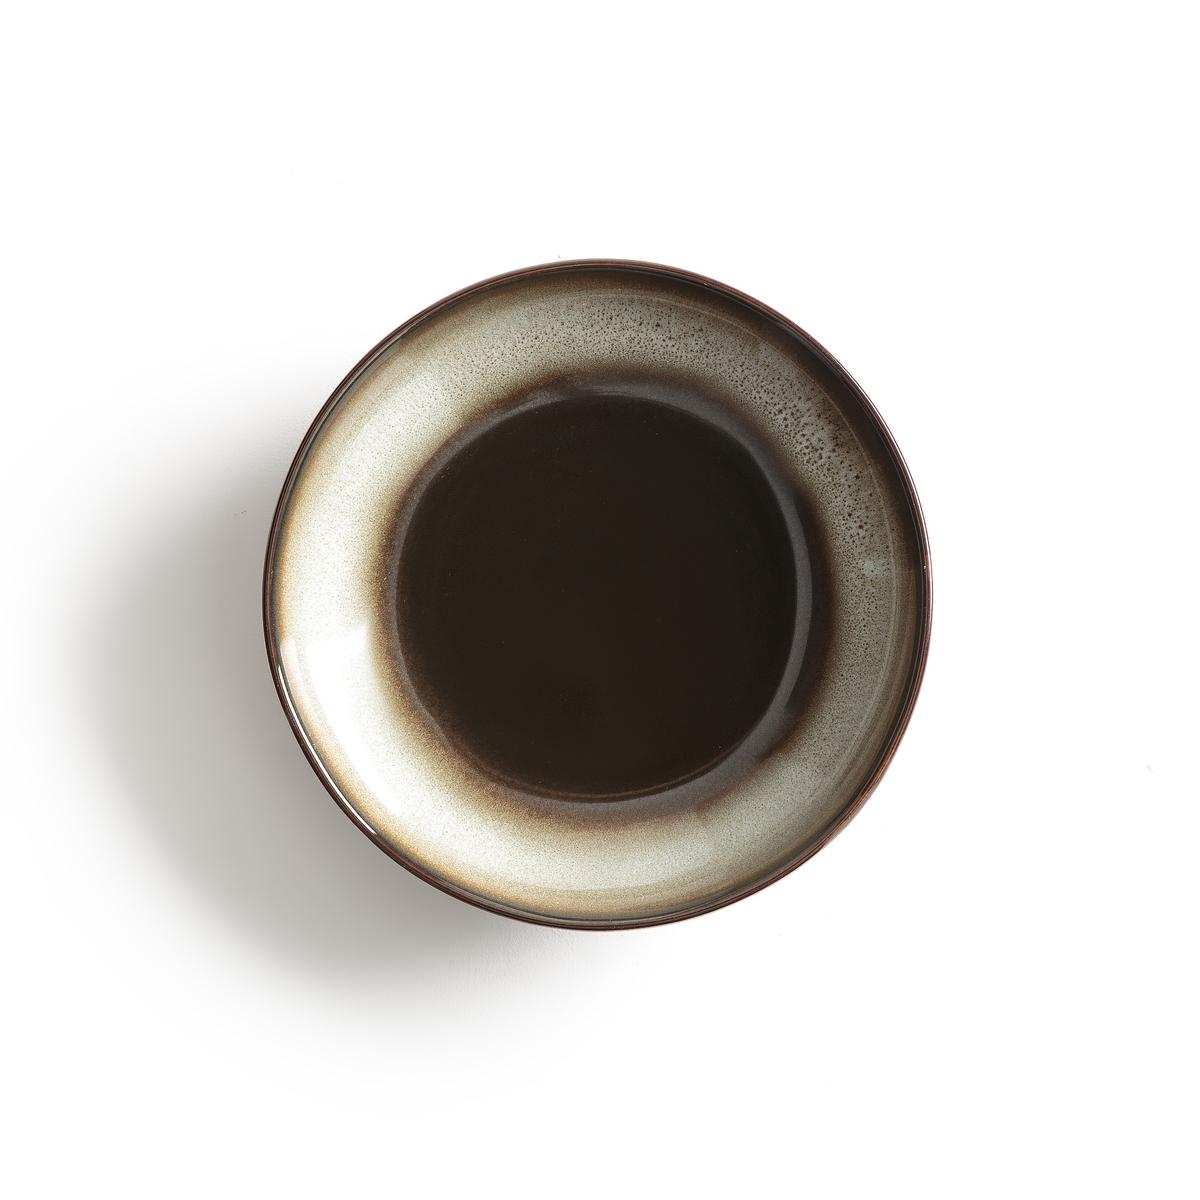 Комплект из 4 глубоких тарелок из керамики TadefiОписание:4 глубокие тарелки из глазурованной керамики с отражающим эффектом Tadefi. Органическая форма, вдохновленная природой, и красивое покрытие глазурью.            Можно использовать в посудомоечных машинах и микроволновых печах. Размеры: ?20,5 см. Мелкие и десертные тарелки вы можете найти на нашем сайте.<br><br>Цвет: каштановый